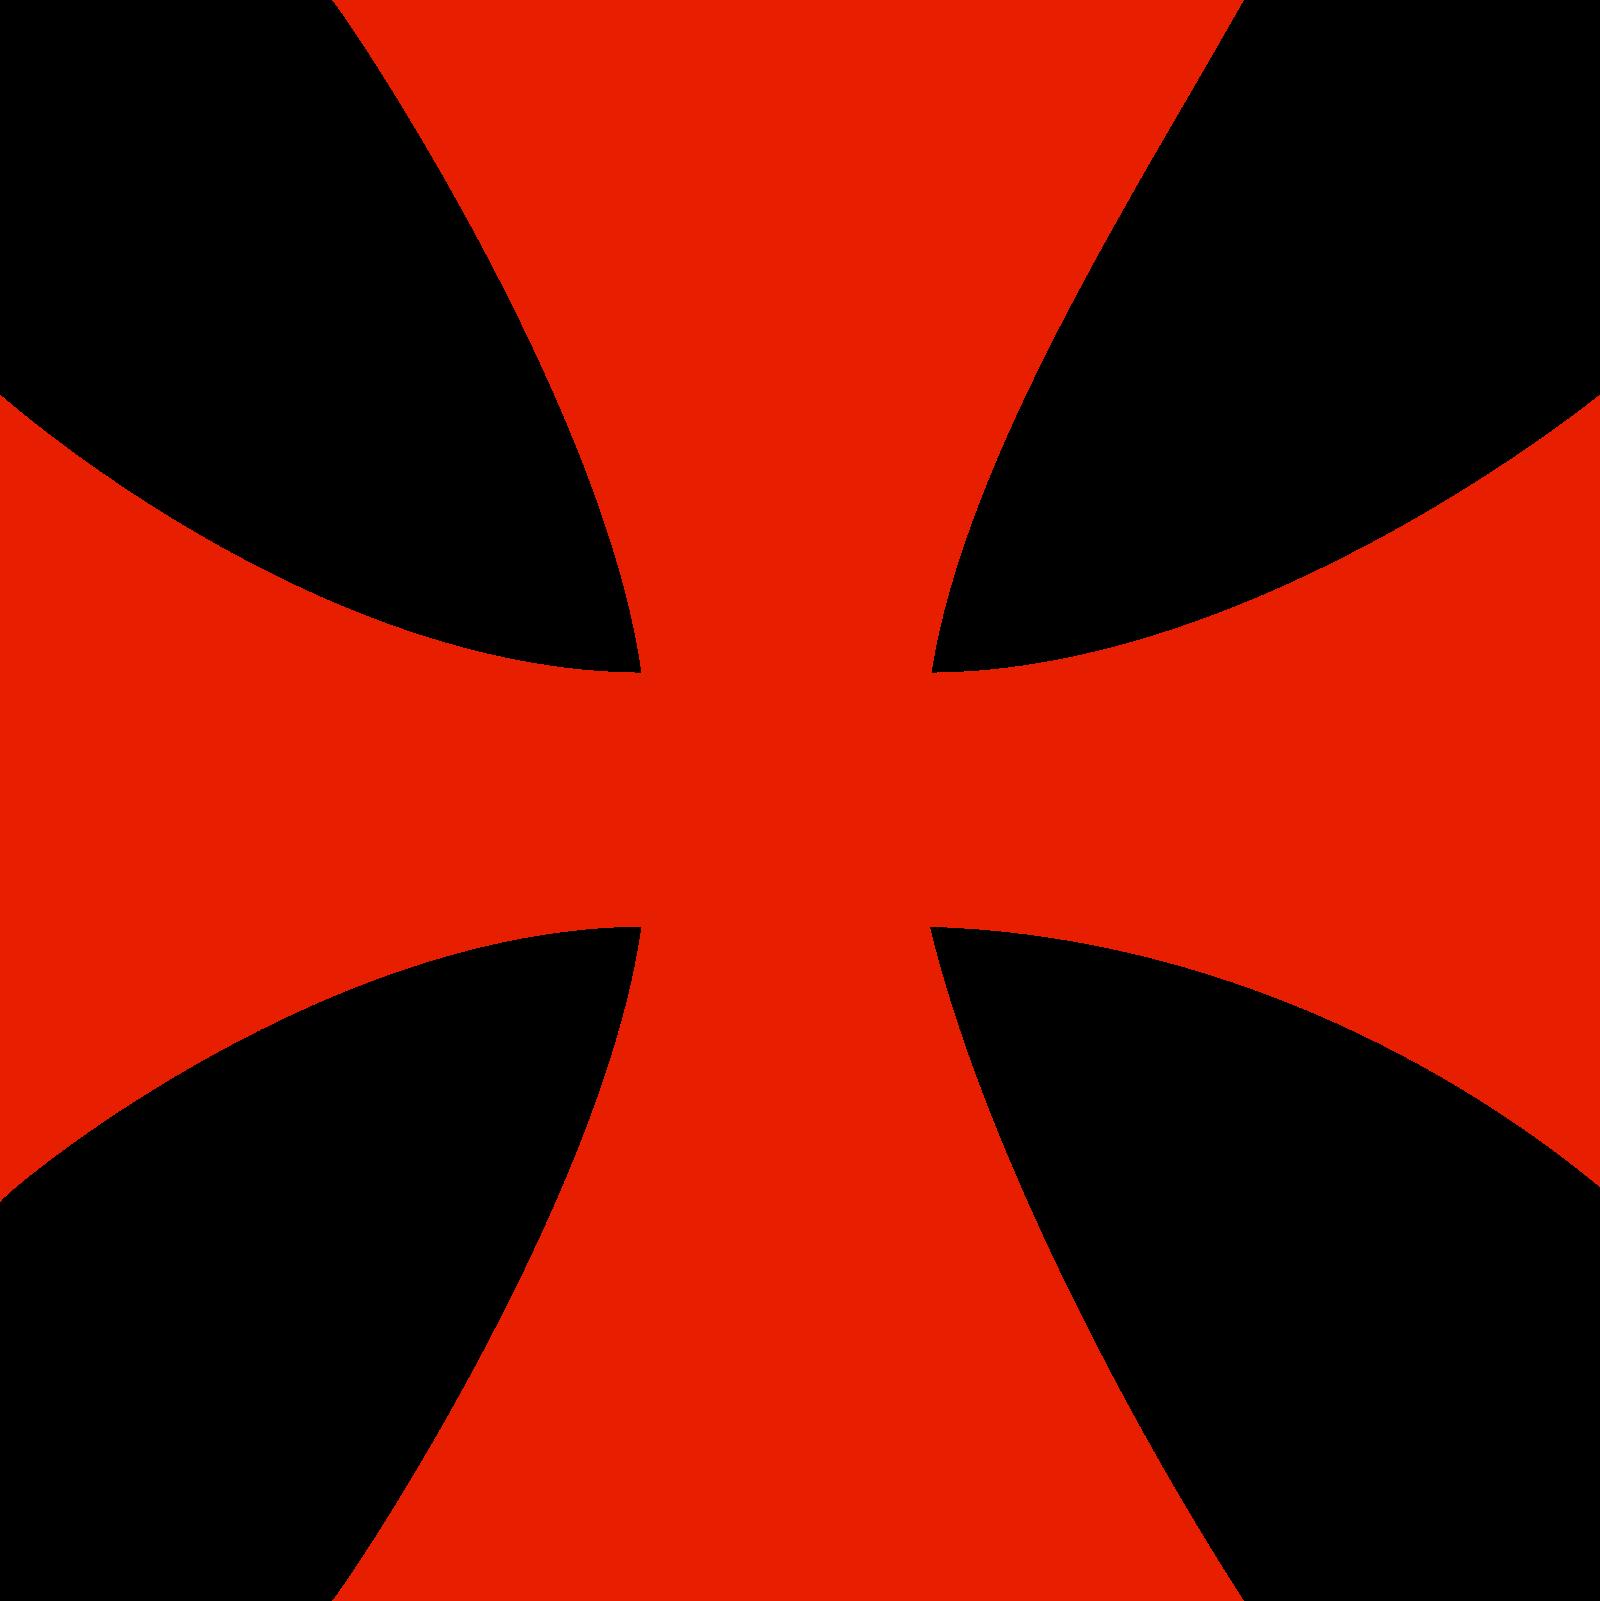 cruz-de-malta-vasco-2